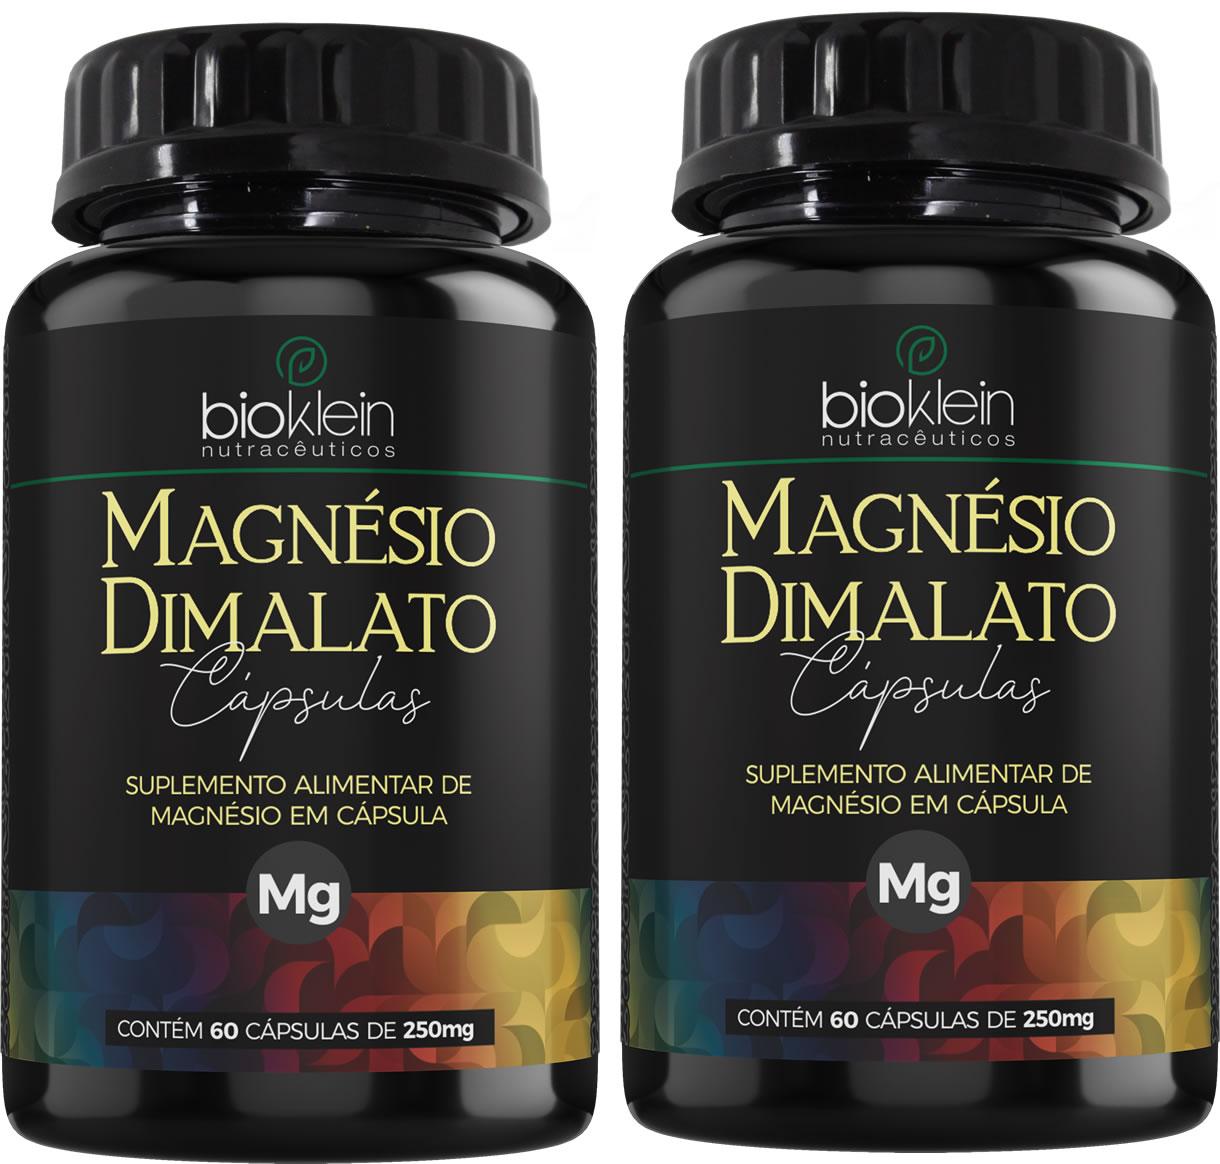 Magnésio Dimalato 130mg 120 Cápsulas (2x60) Bioklein